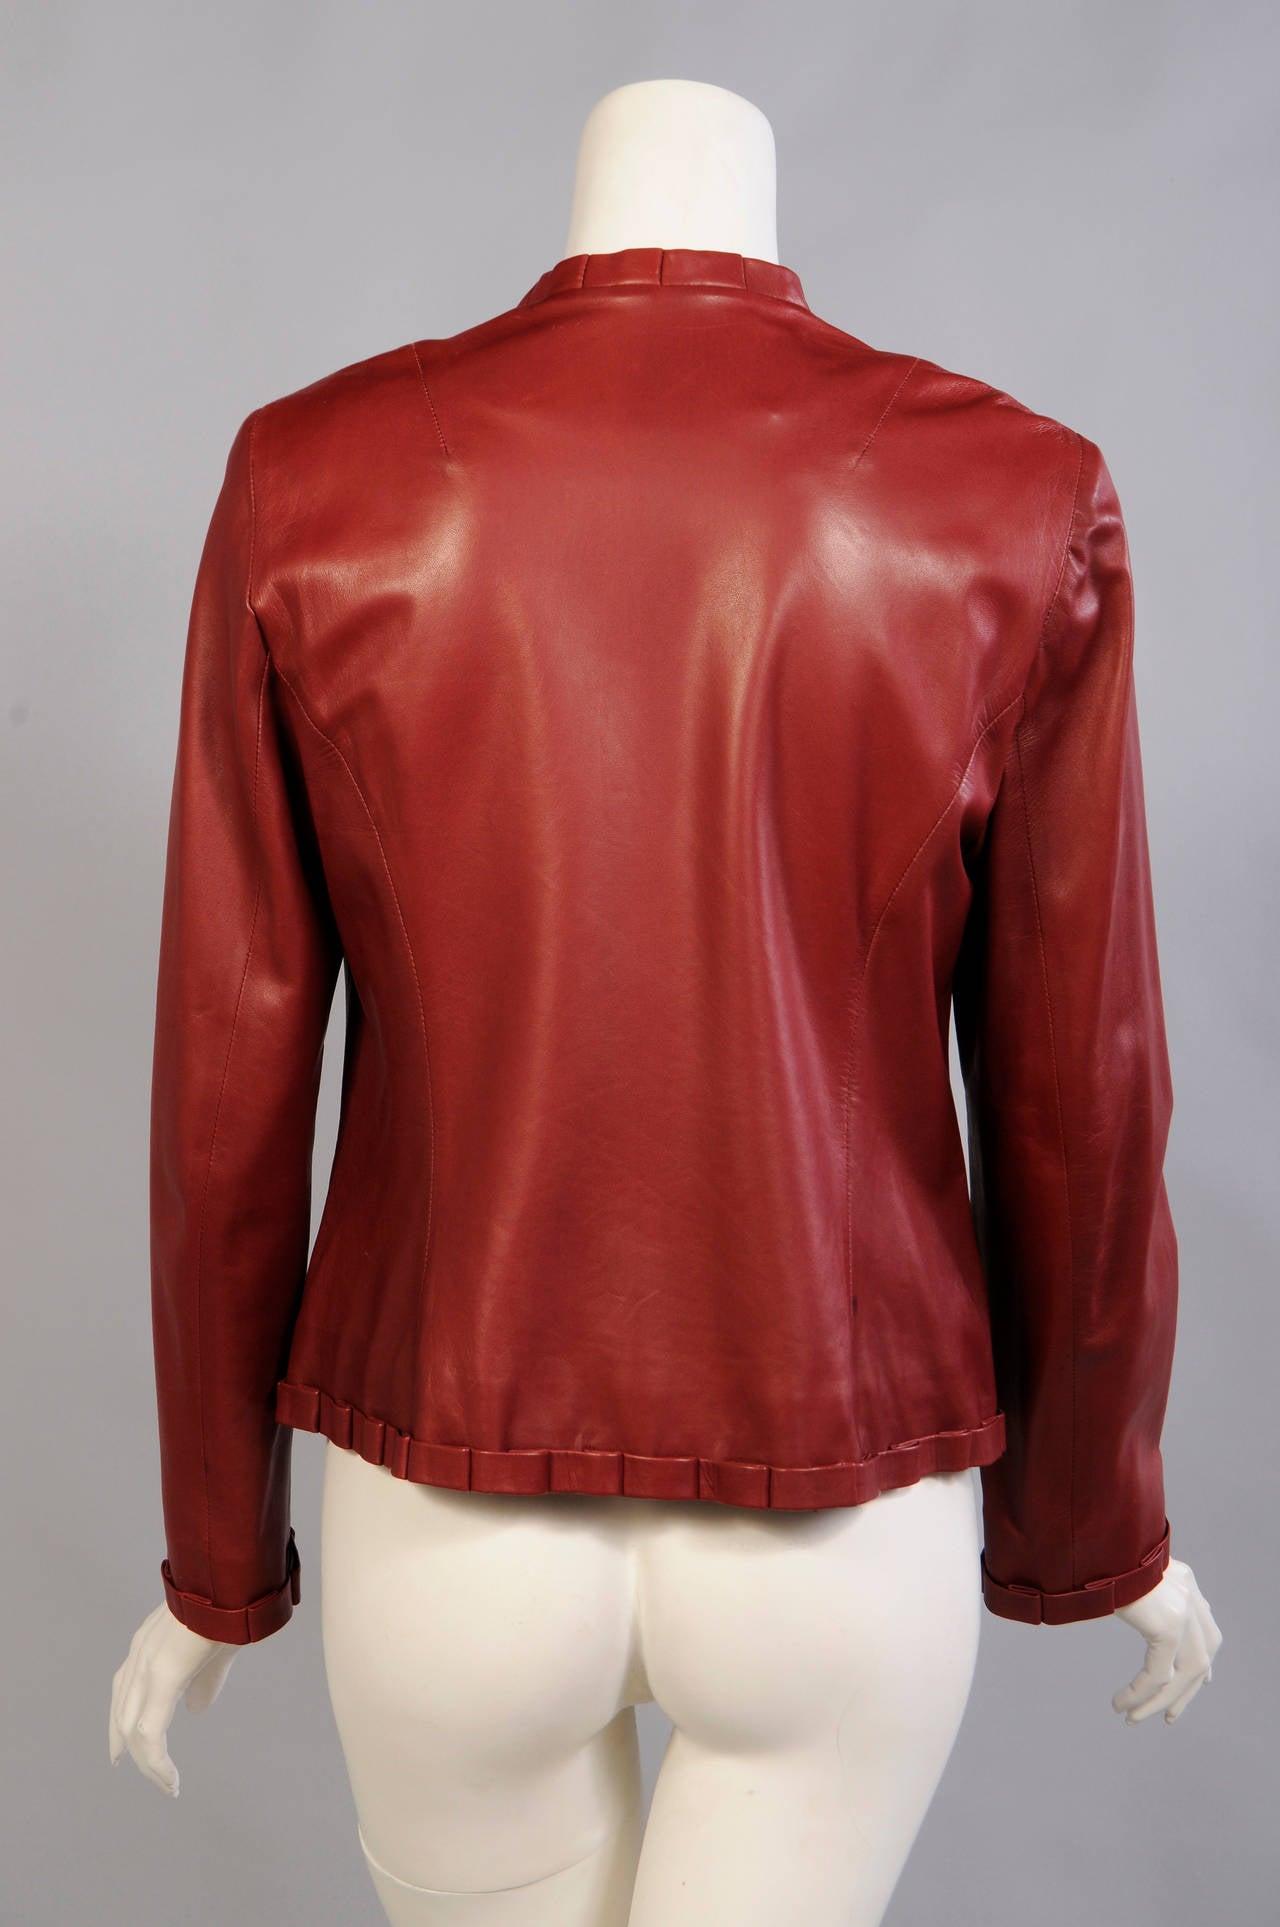 Carolina Herrera Burgundy Leather Jacket  4